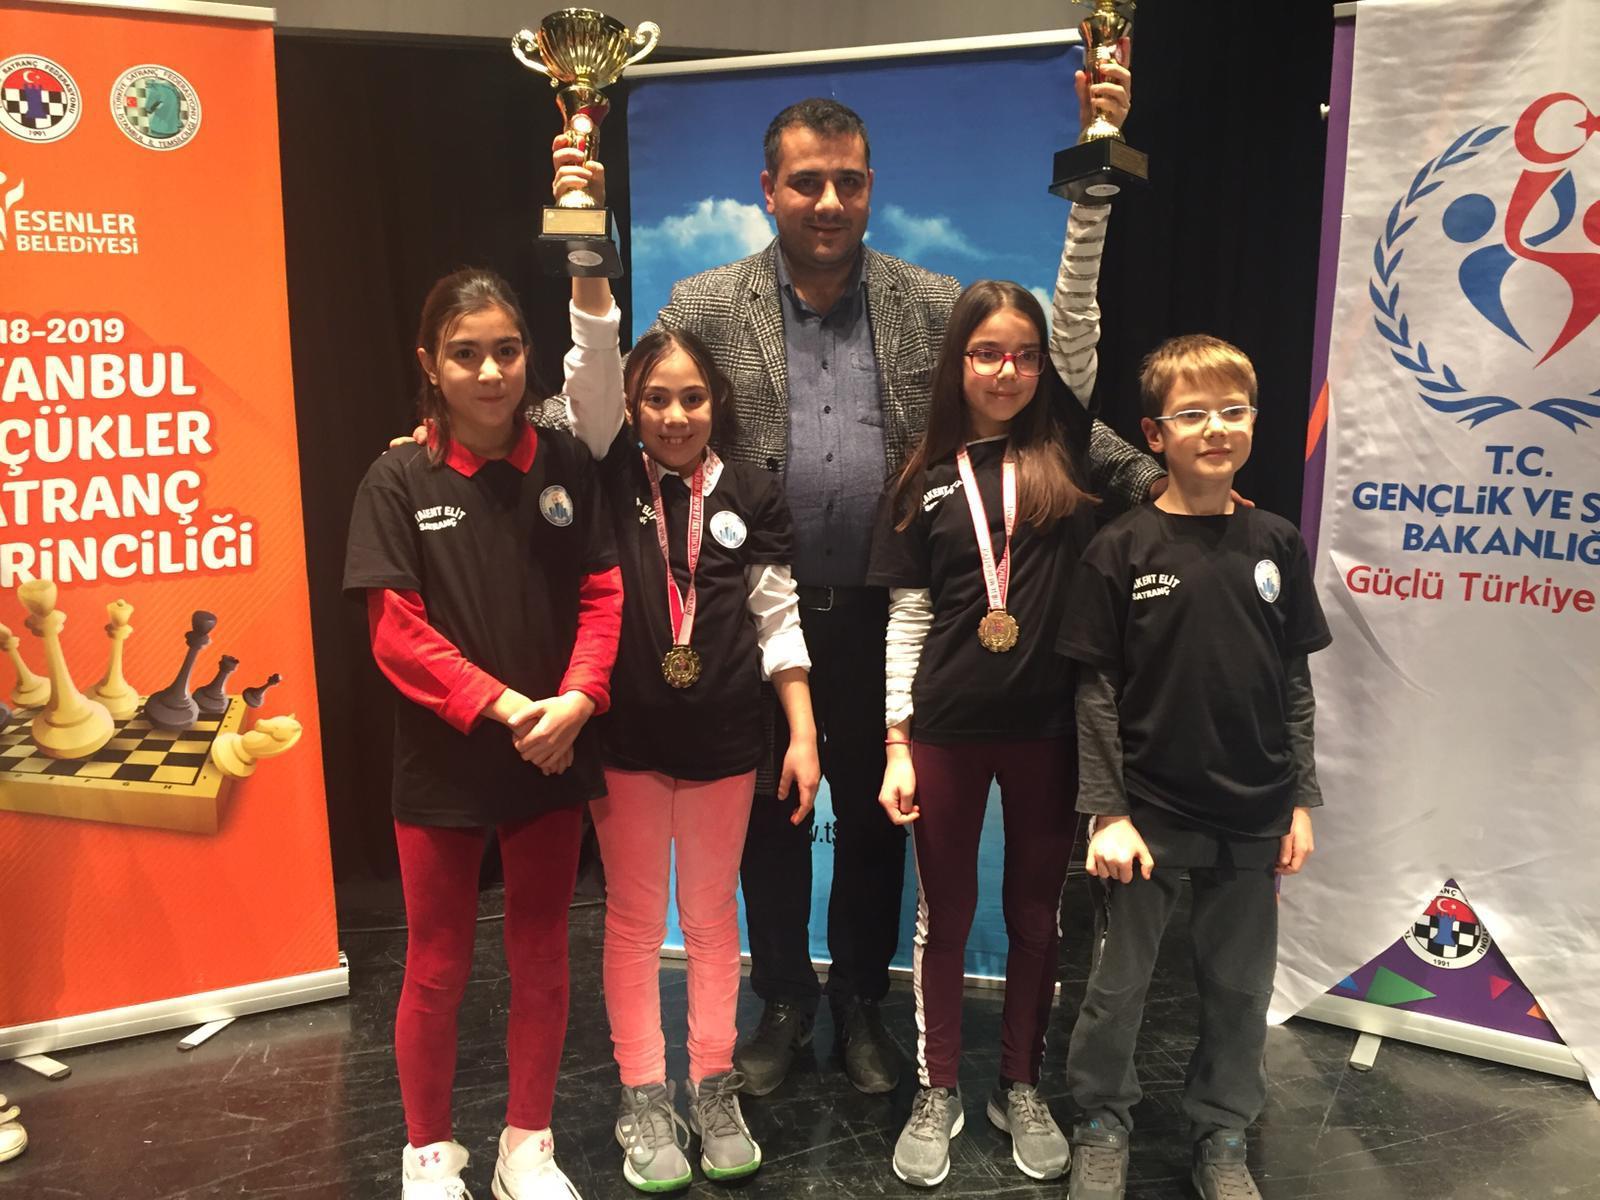 İstanbul Küçükler SATRANÇ Şampiyonasında  10 Yaş Kızlar Kategorisi il Birincisi —Ela Başpınar 11 Yaş Kızlar Kategorisi il Birincisi– Nehir Ertürk 12 yaş Kızlar Kategorisi il Beşincisi– Dila Başpınar